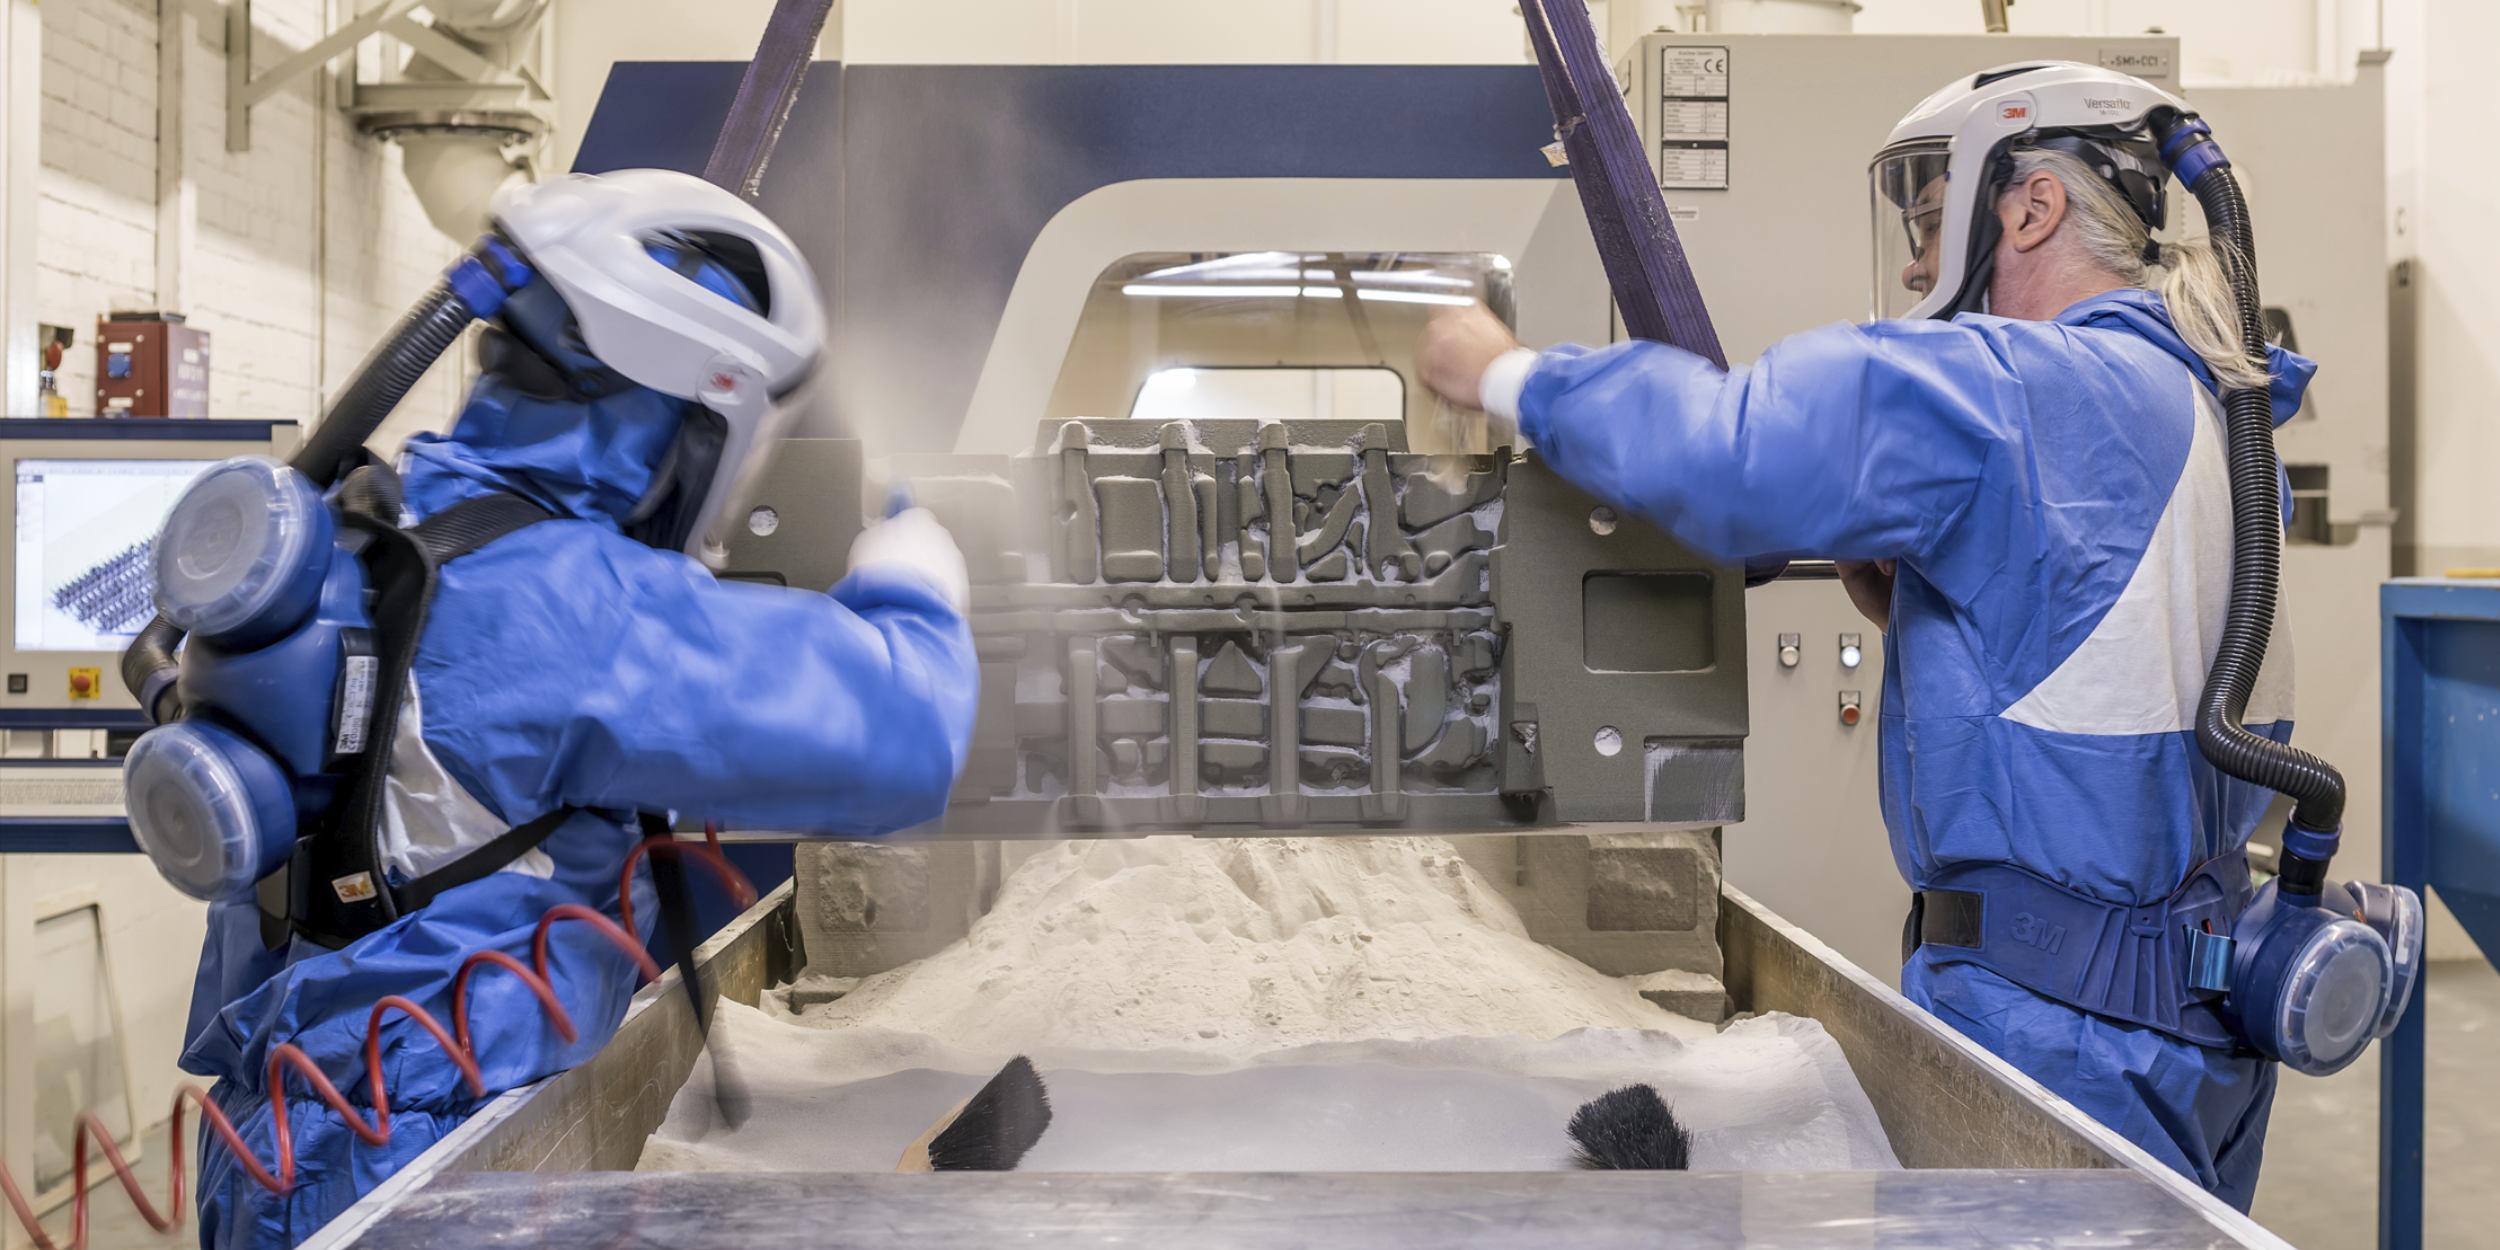 Industriefotografie Stuttgart und Umgebung Mercedes Benz Mettingen Schutzanzüge Schutzmasken rapid prototyping ausblasen